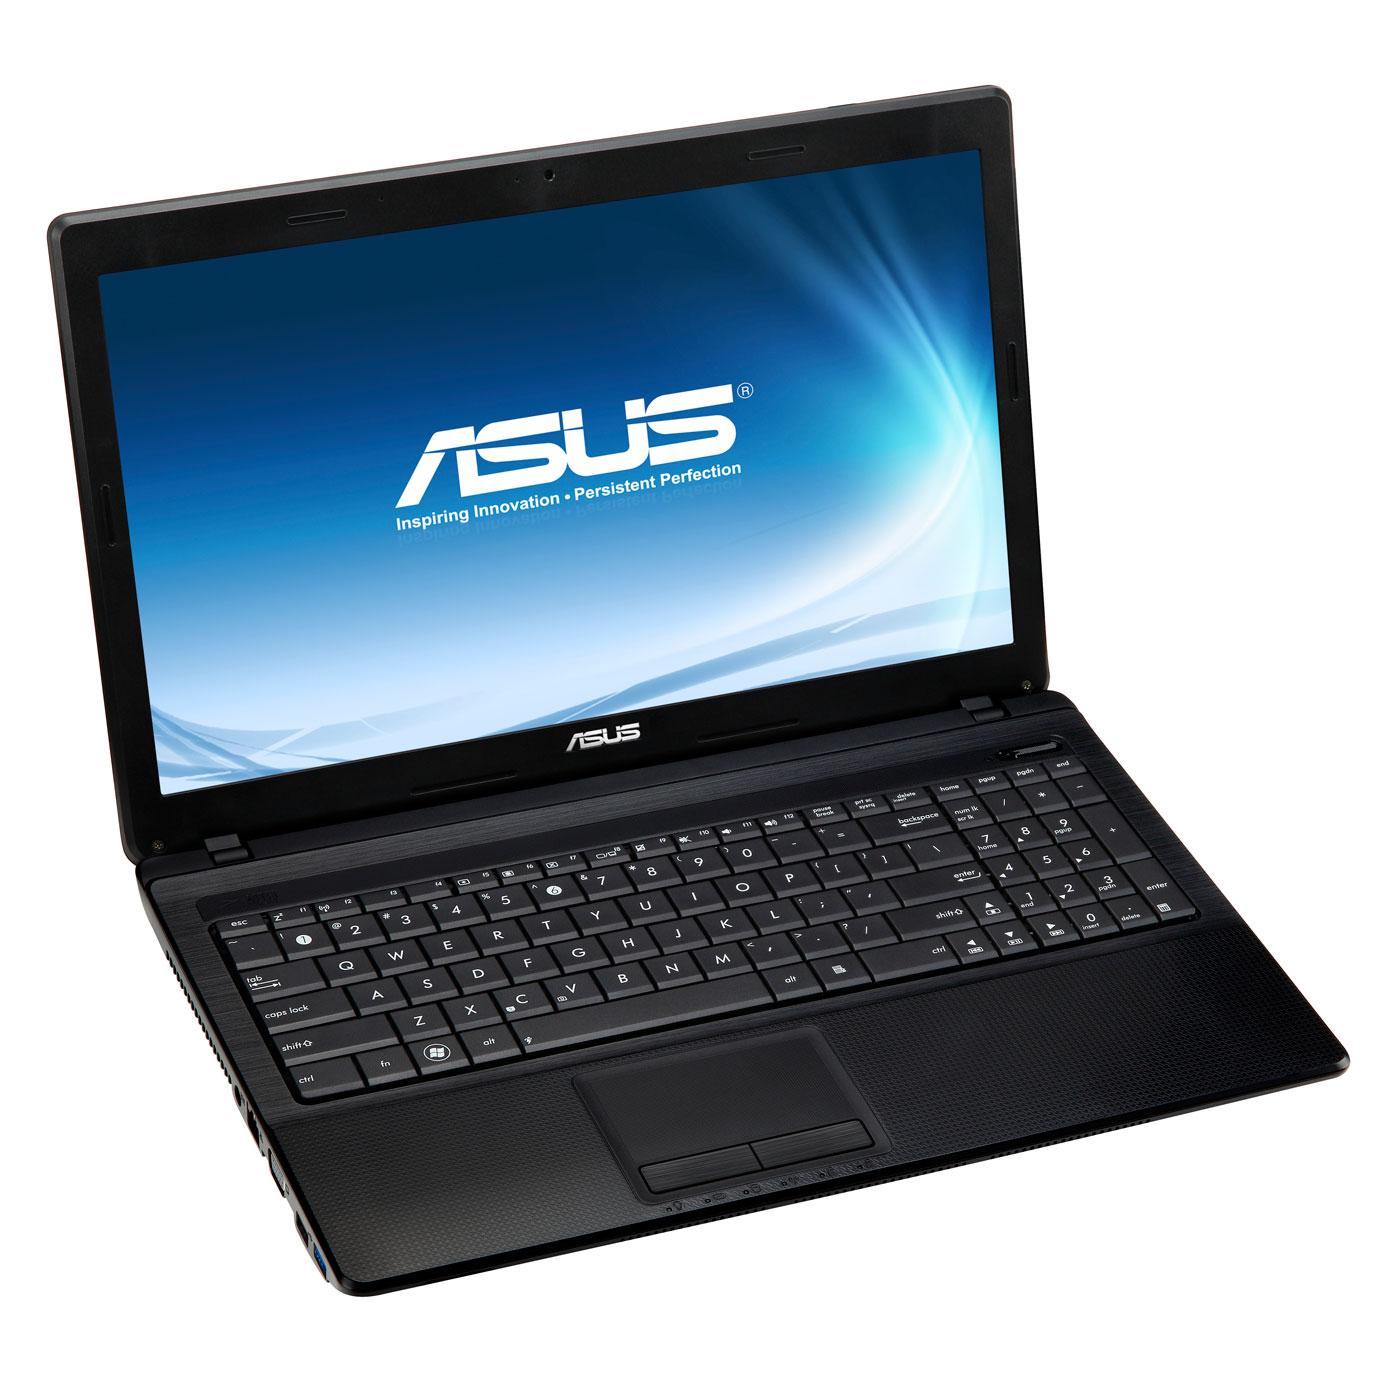 """PC portable ASUS X54C-SX102V Intel Pentium Dual-Core B960 4 Go 320 Go 15.6"""" LED Graveur DVD Wi-Fi N Webcam Windows 7 Premium 64 bits (garantie constructeur 1 an)"""